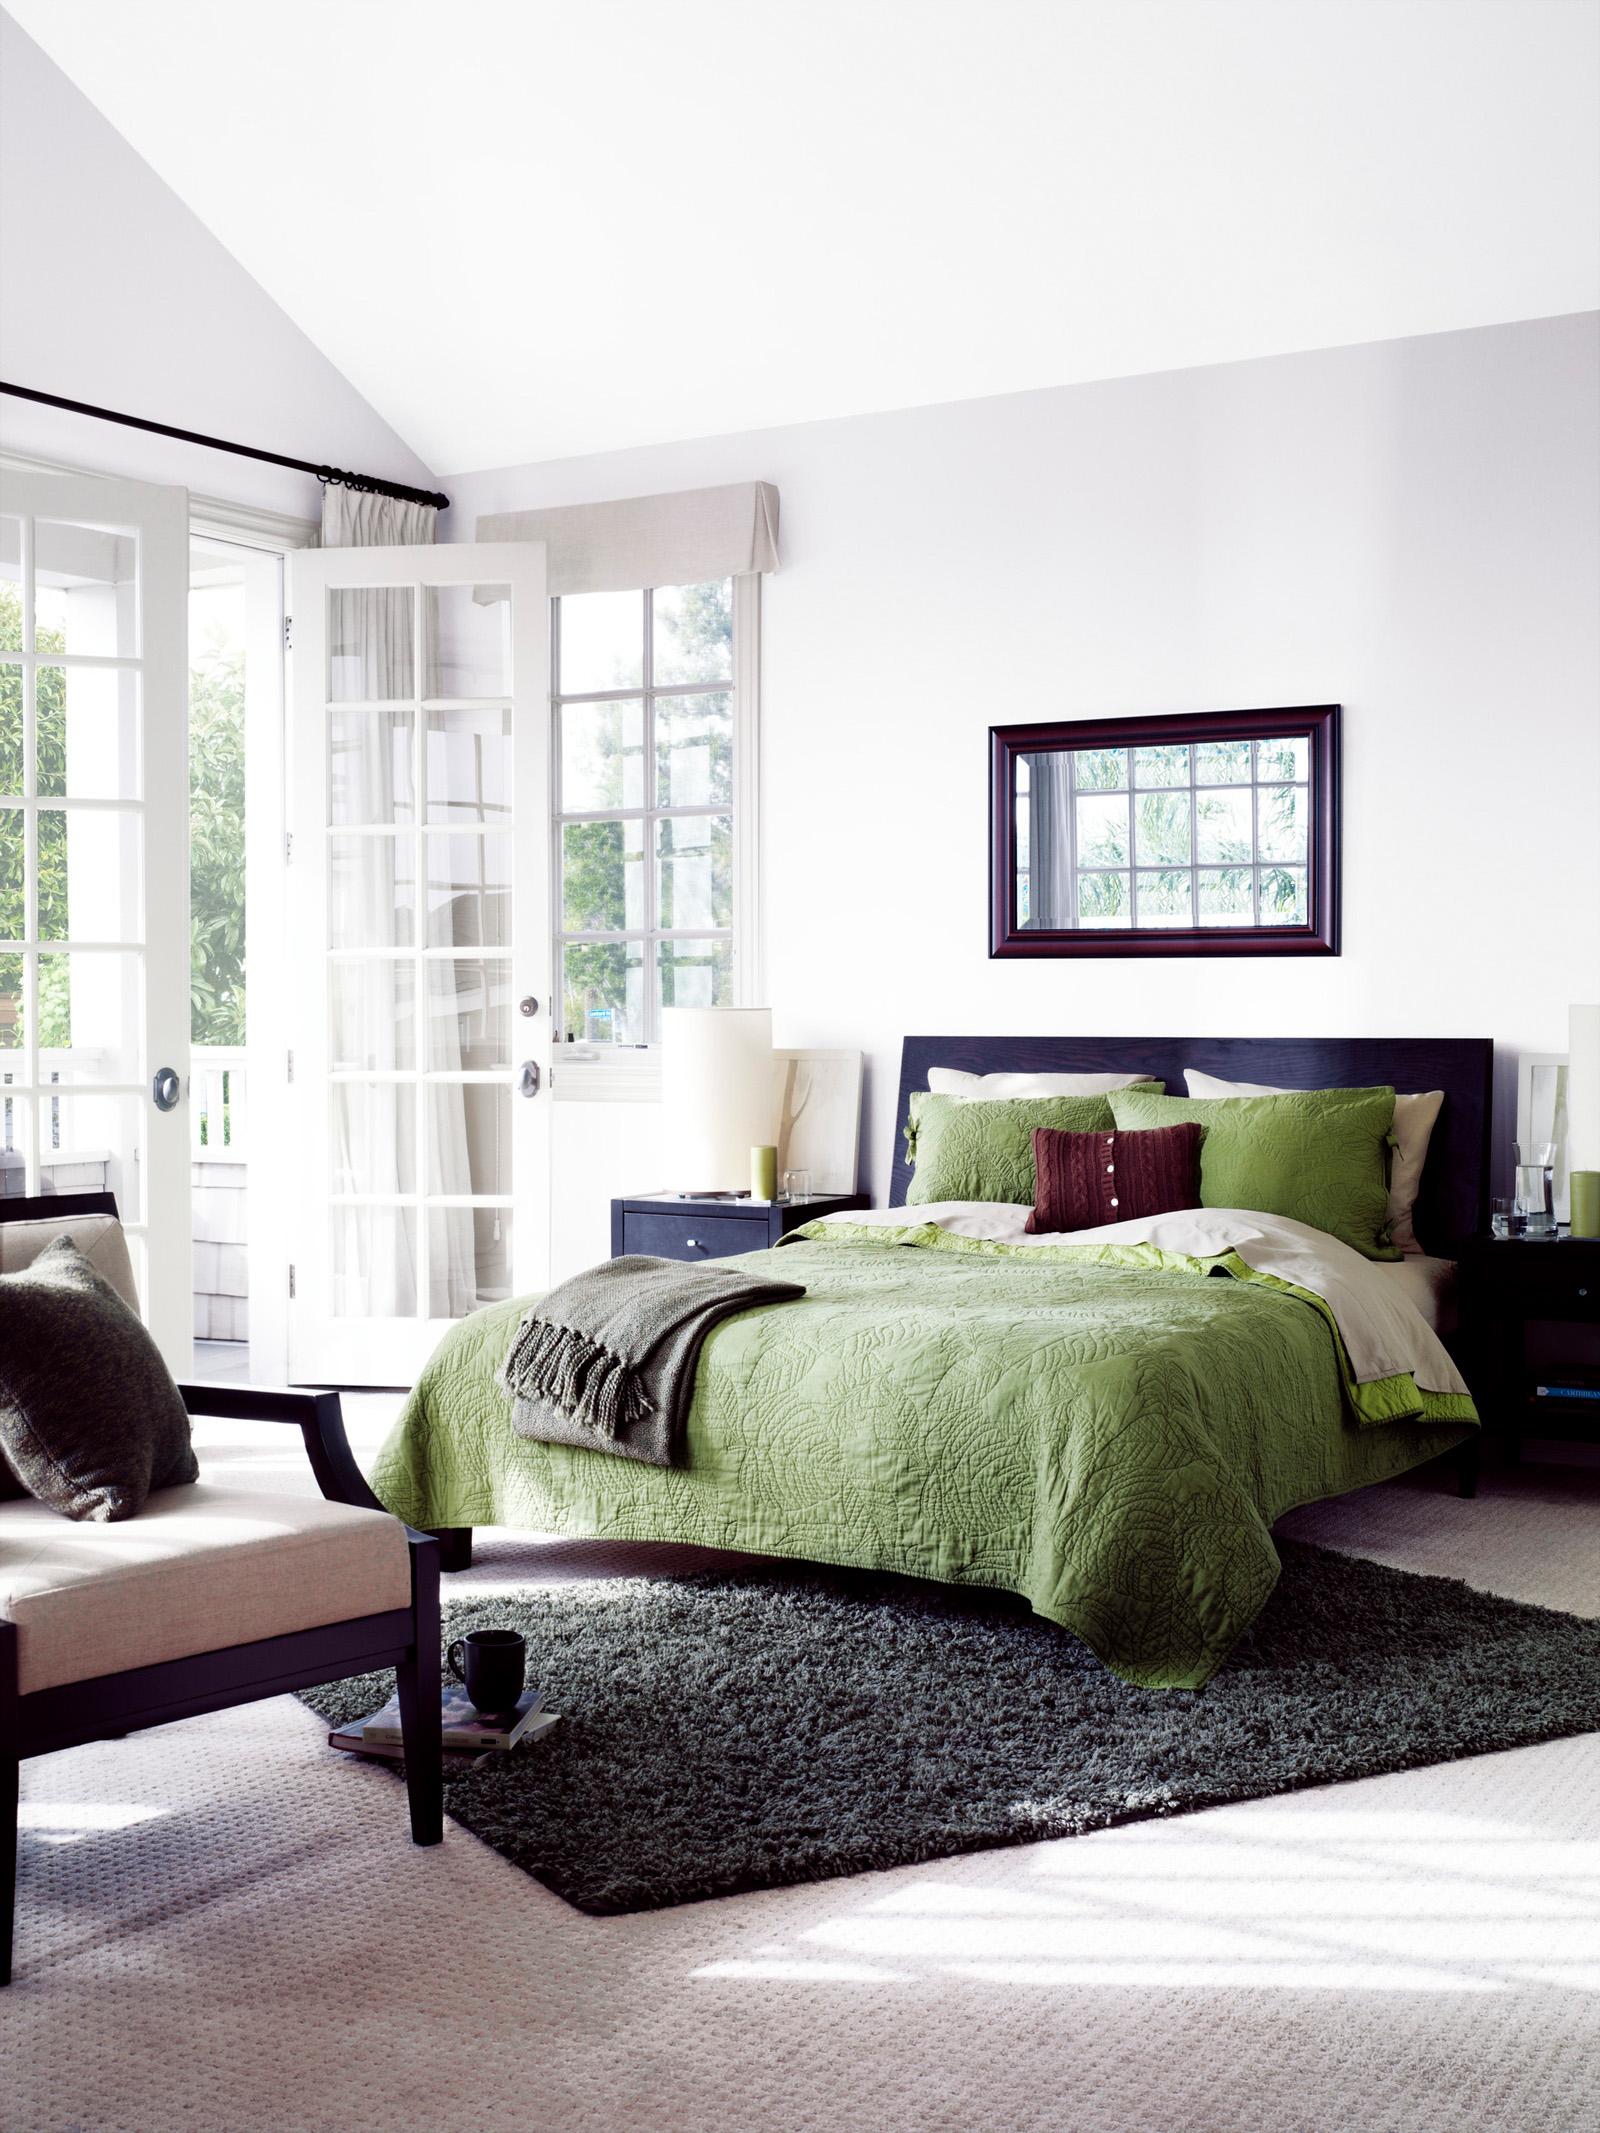 218807-10854097-JGA06003_Bedroom_jpg.jpg